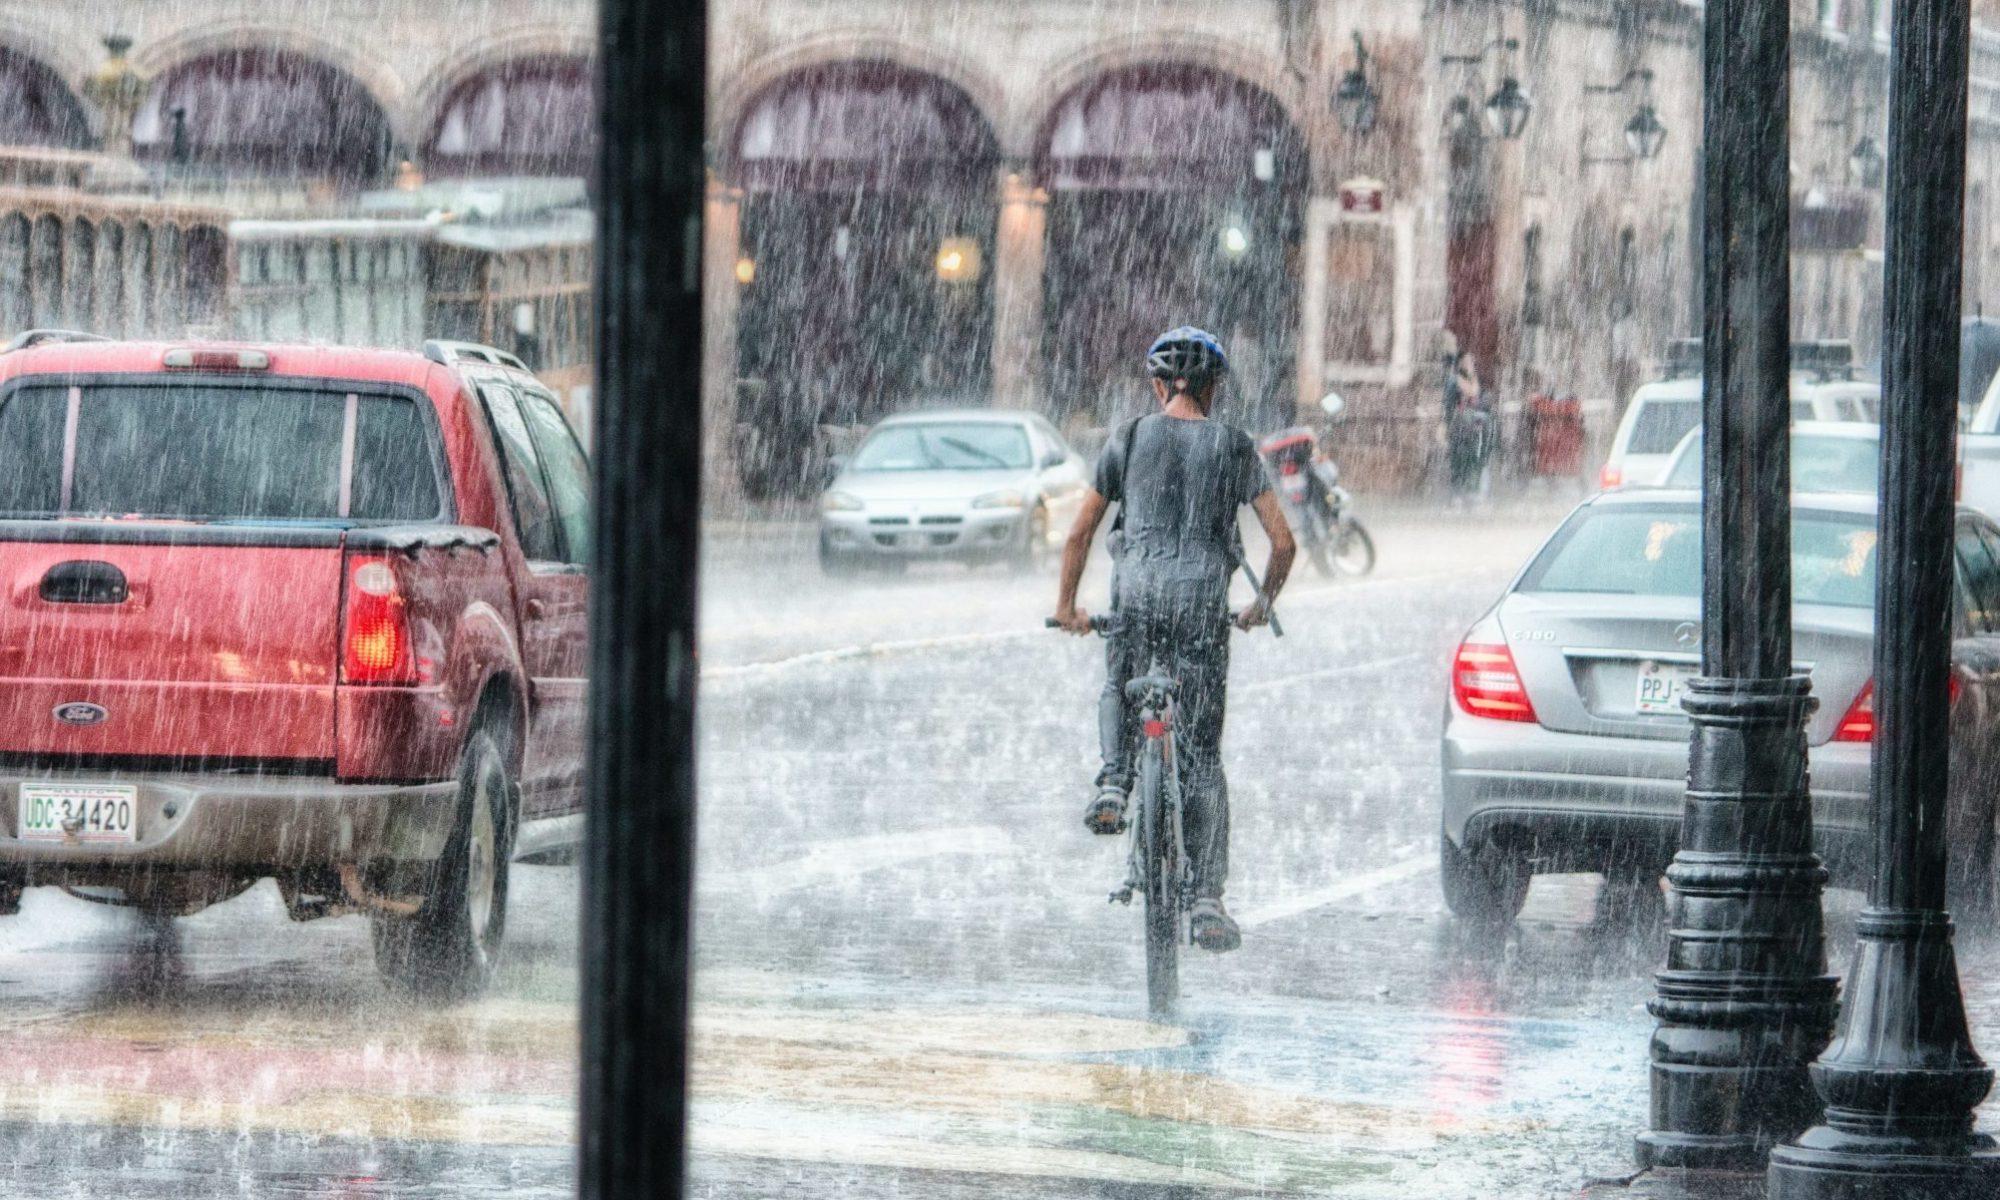 Wasser, Regen, Starkregen